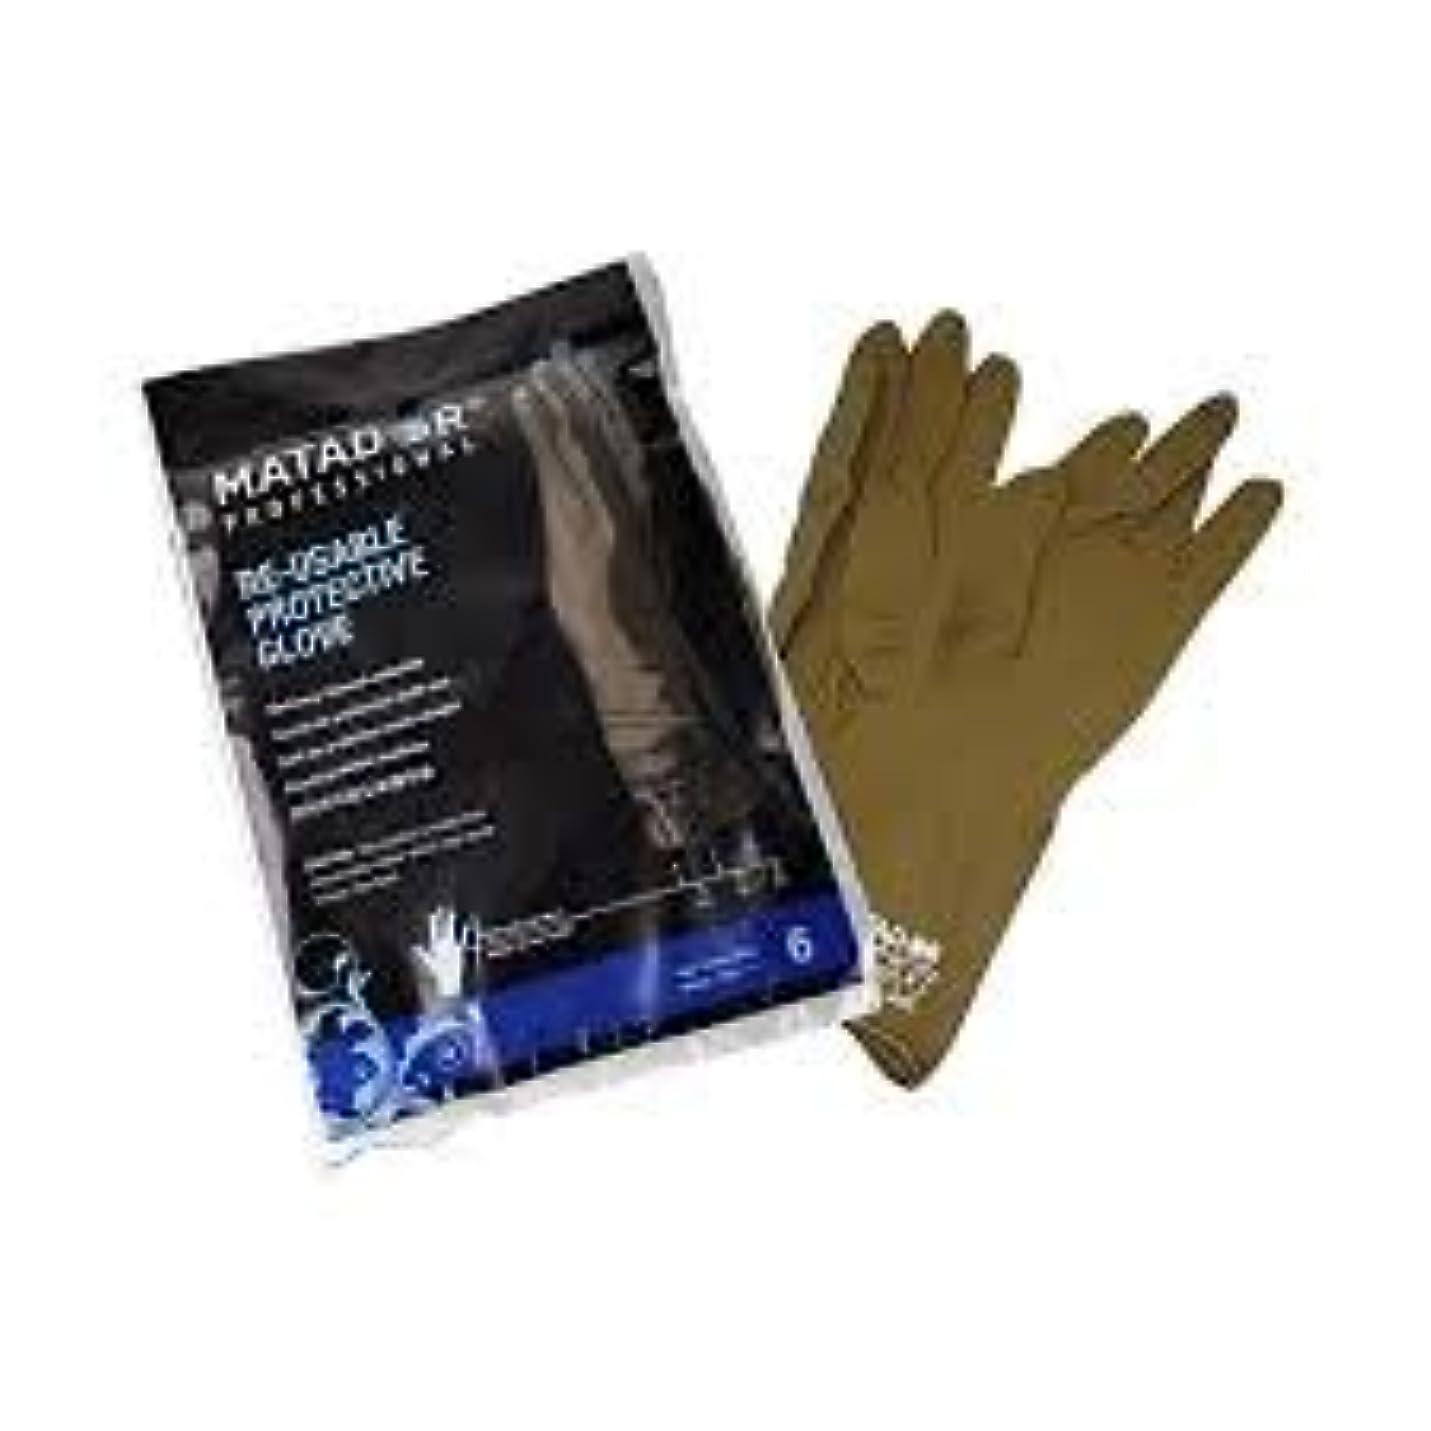 管理する趣味アレキサンダーグラハムベルマタドールゴム手袋 6.0吋 【10個セット】